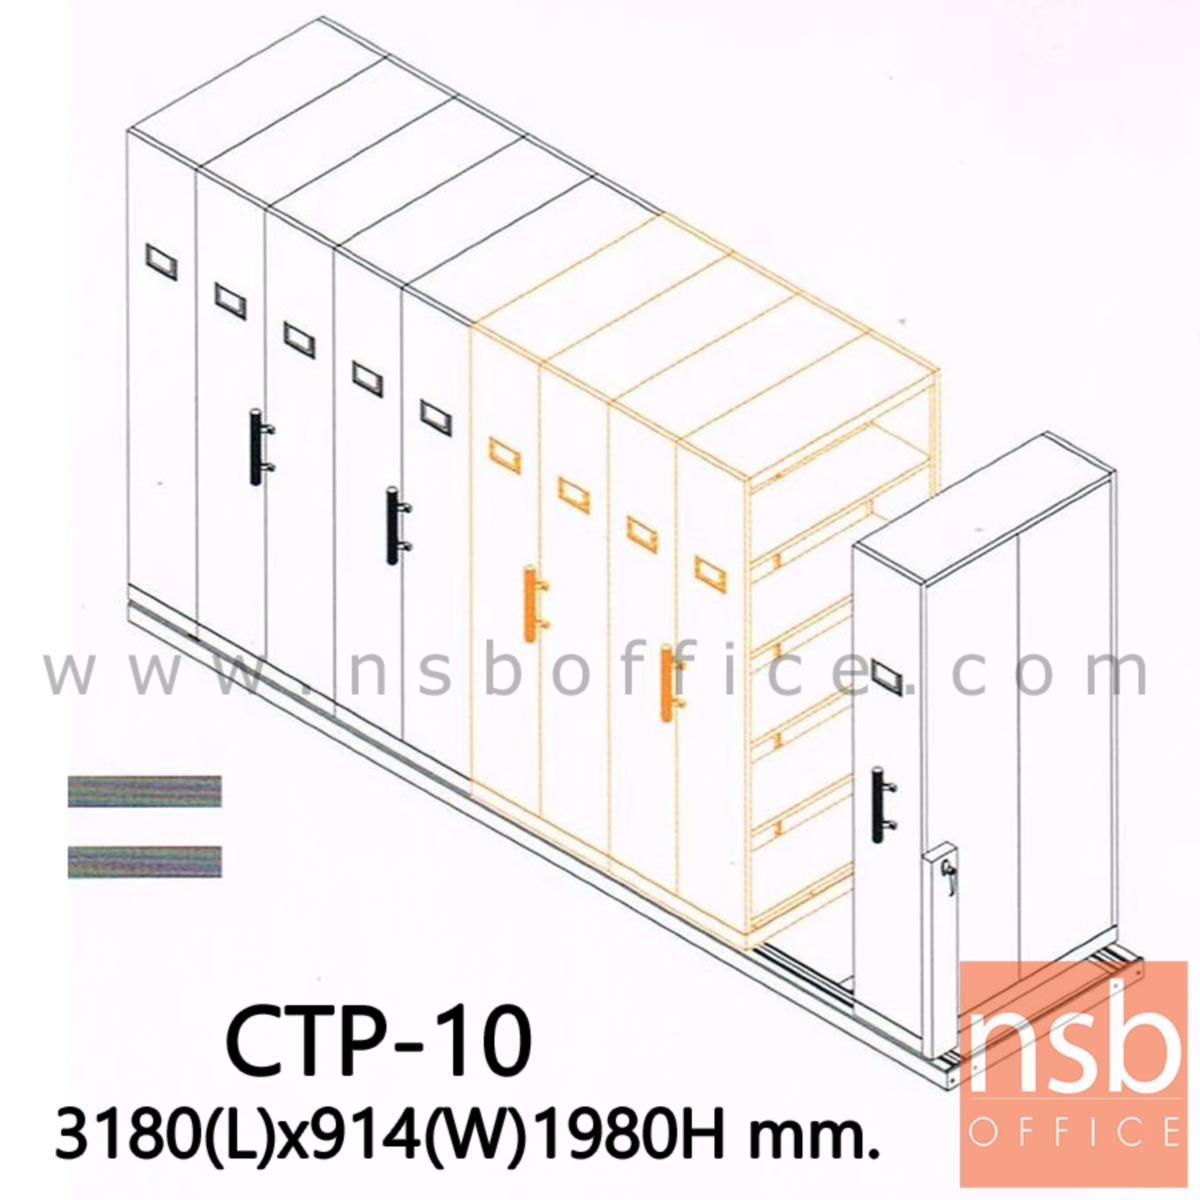 ตู้รางเลื่อนแบบมือผลัก TAIYO-ST มอก. 1496-2541 ขนาด 4, 6, 8, 10 ตู้